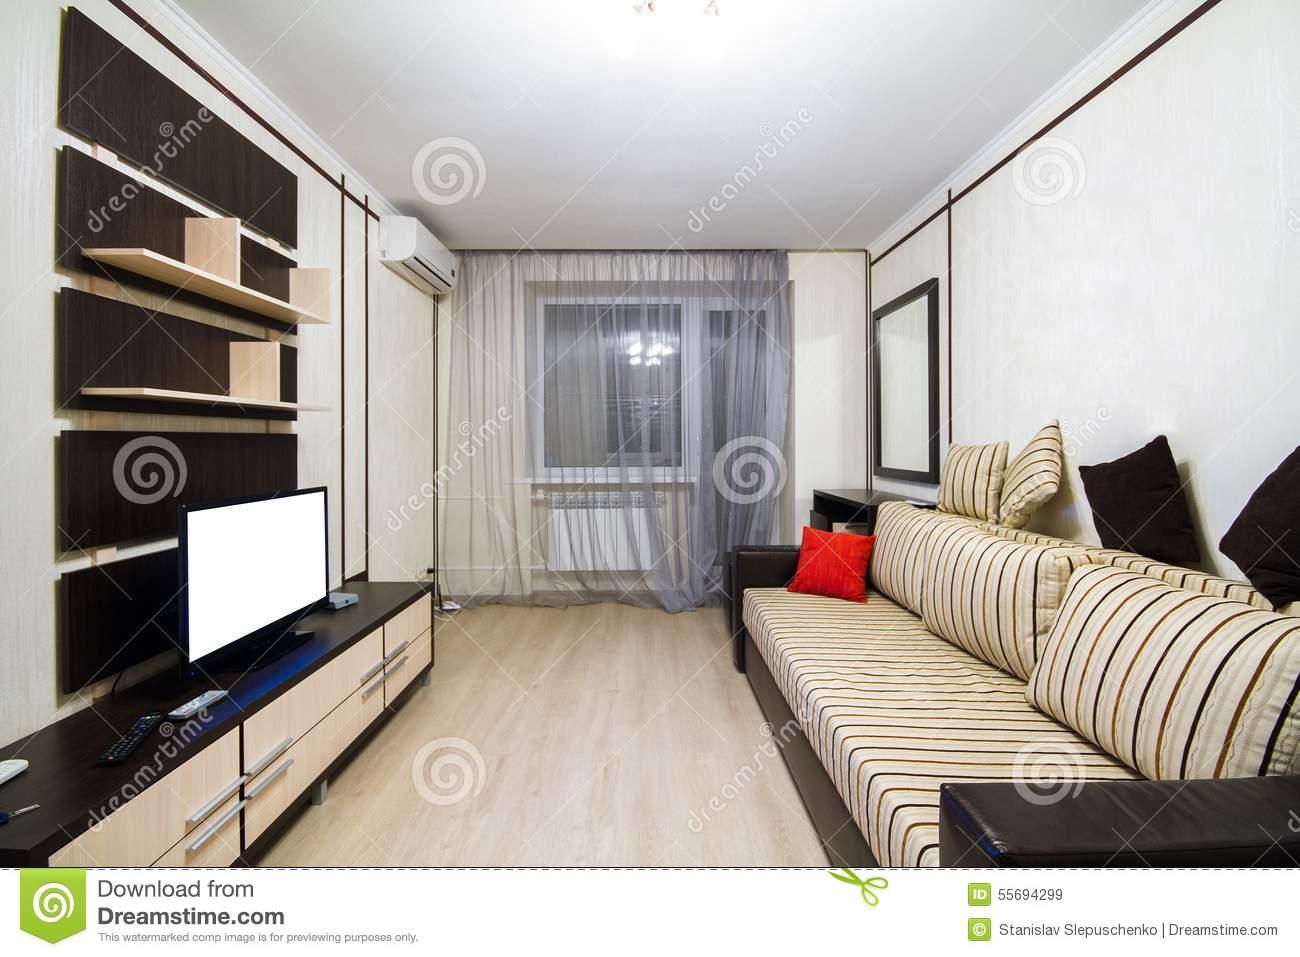 Full Size of Sofas Für Kleines Wohnzimmer Anordnung Sofa Kleines Wohnzimmer Sofa Für Sehr Kleines Wohnzimmer Kleines Wohnzimmer Ohne Sofa Wohnzimmer Sofa Kleines Wohnzimmer